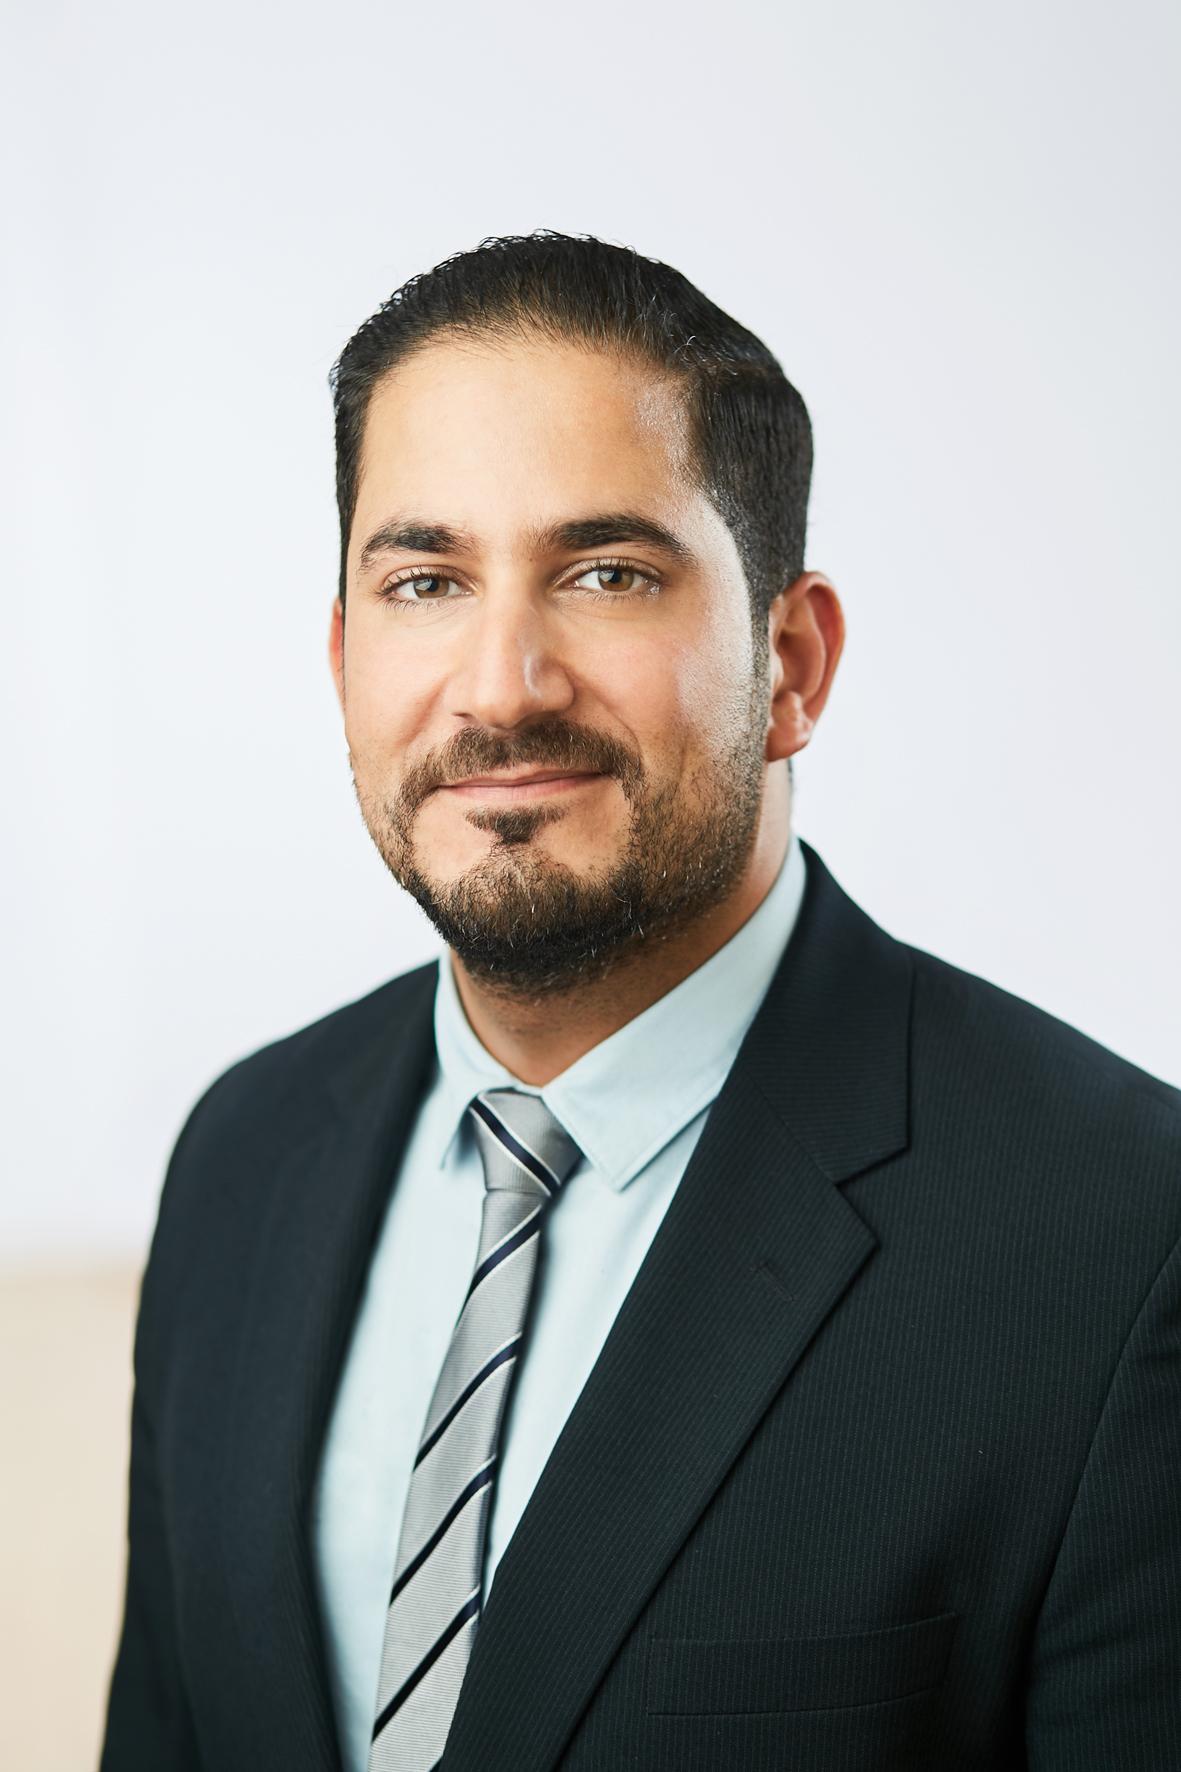 Masoud Yusofi